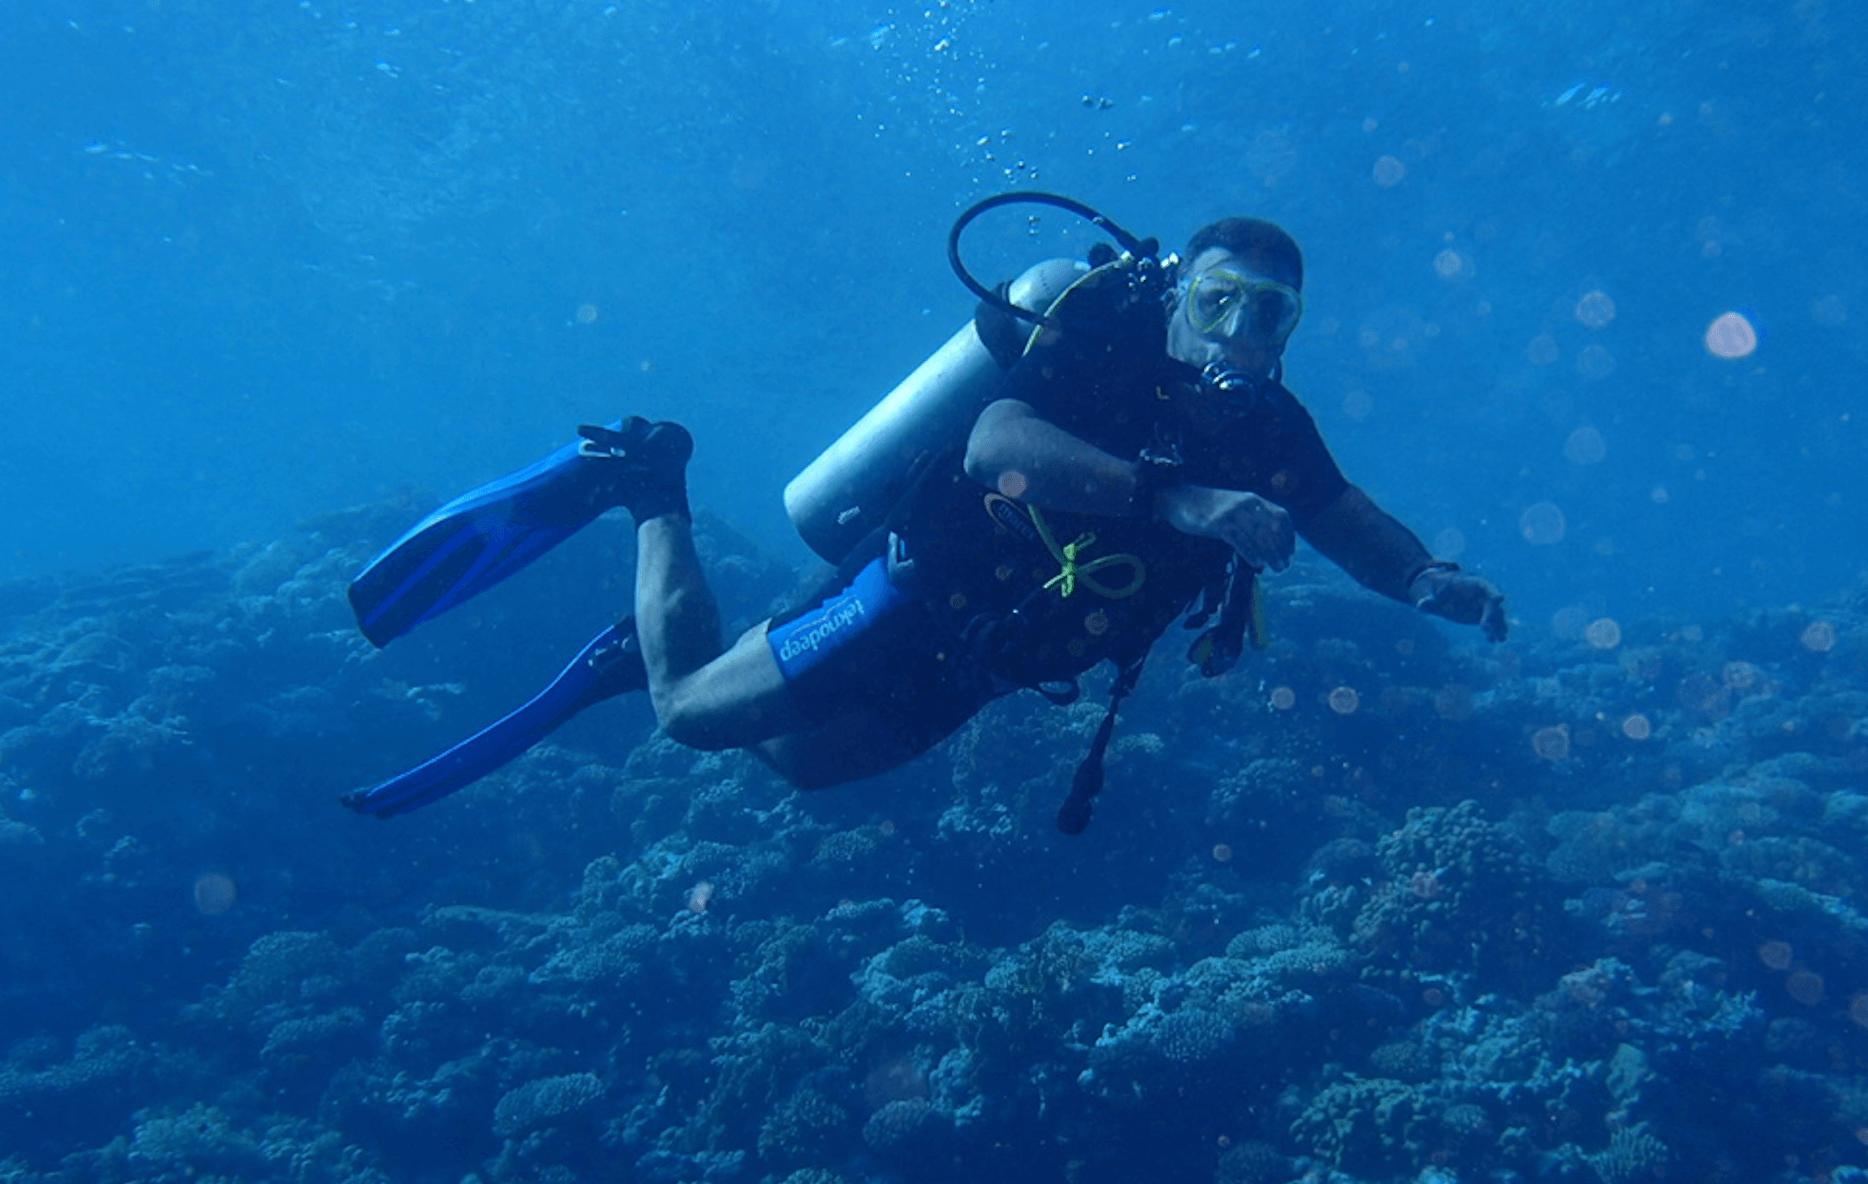 Stefano Nigri